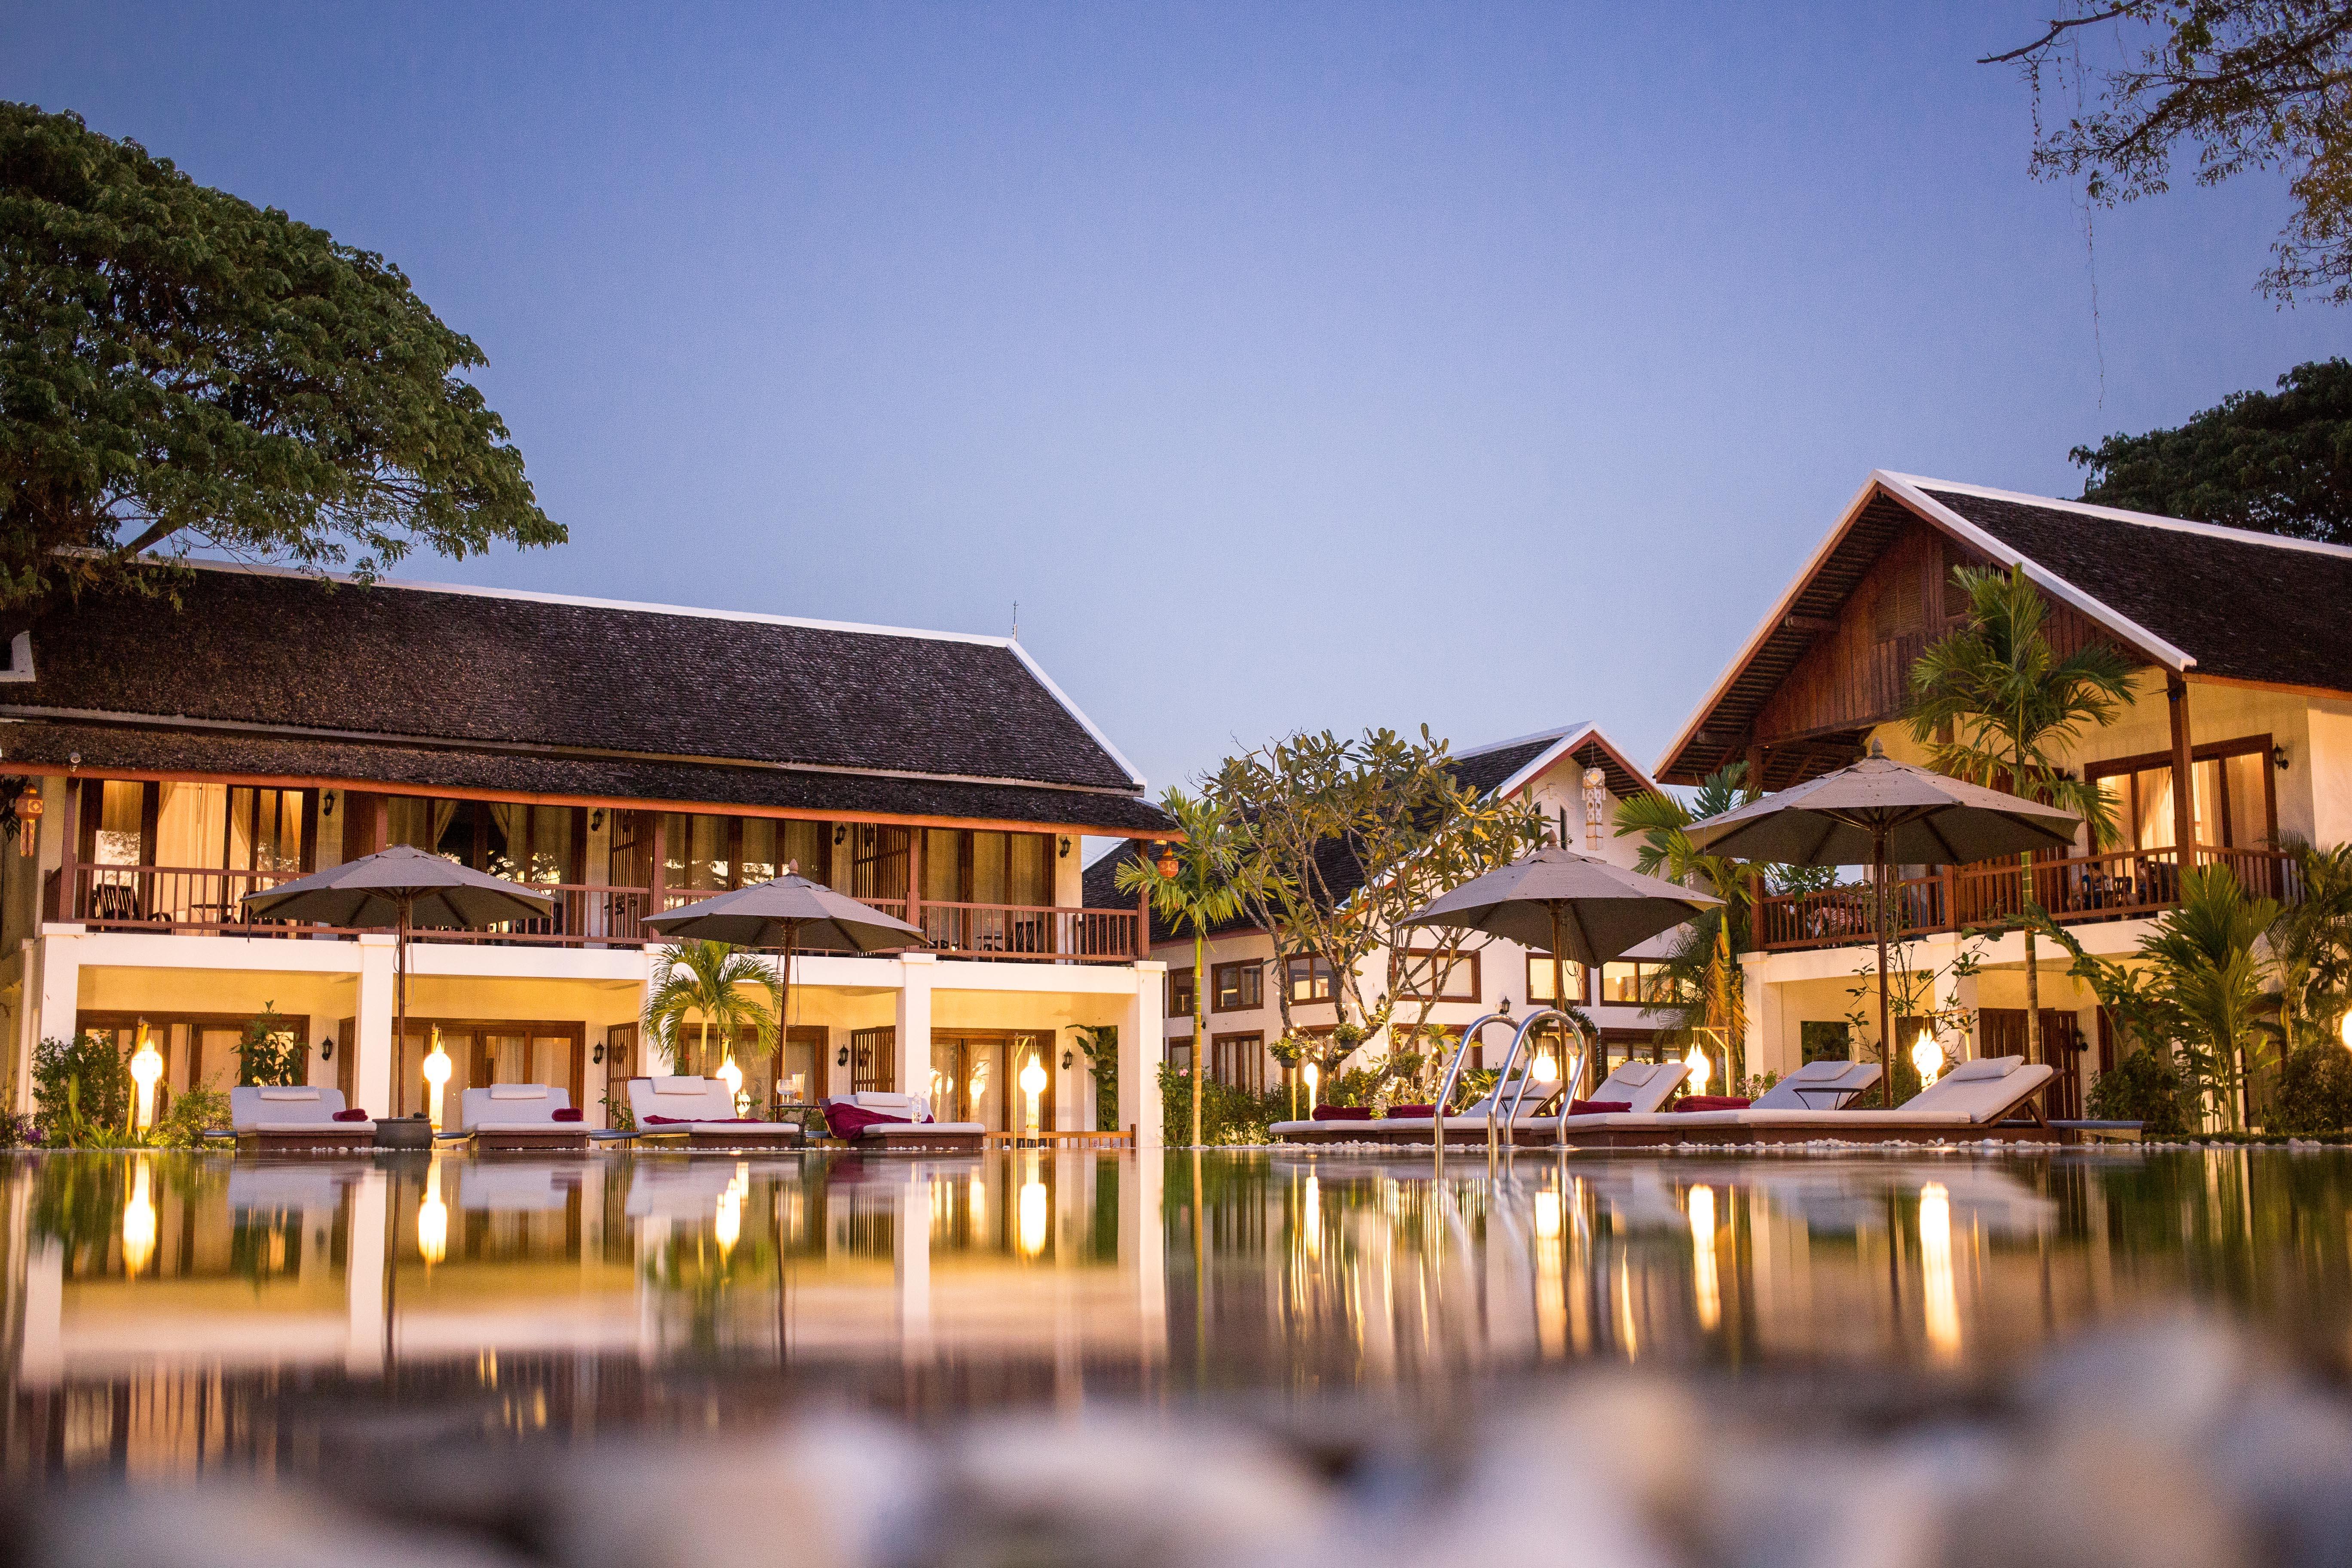 Riverside Boutique Resort And Pha Hon Kham Views Stunning